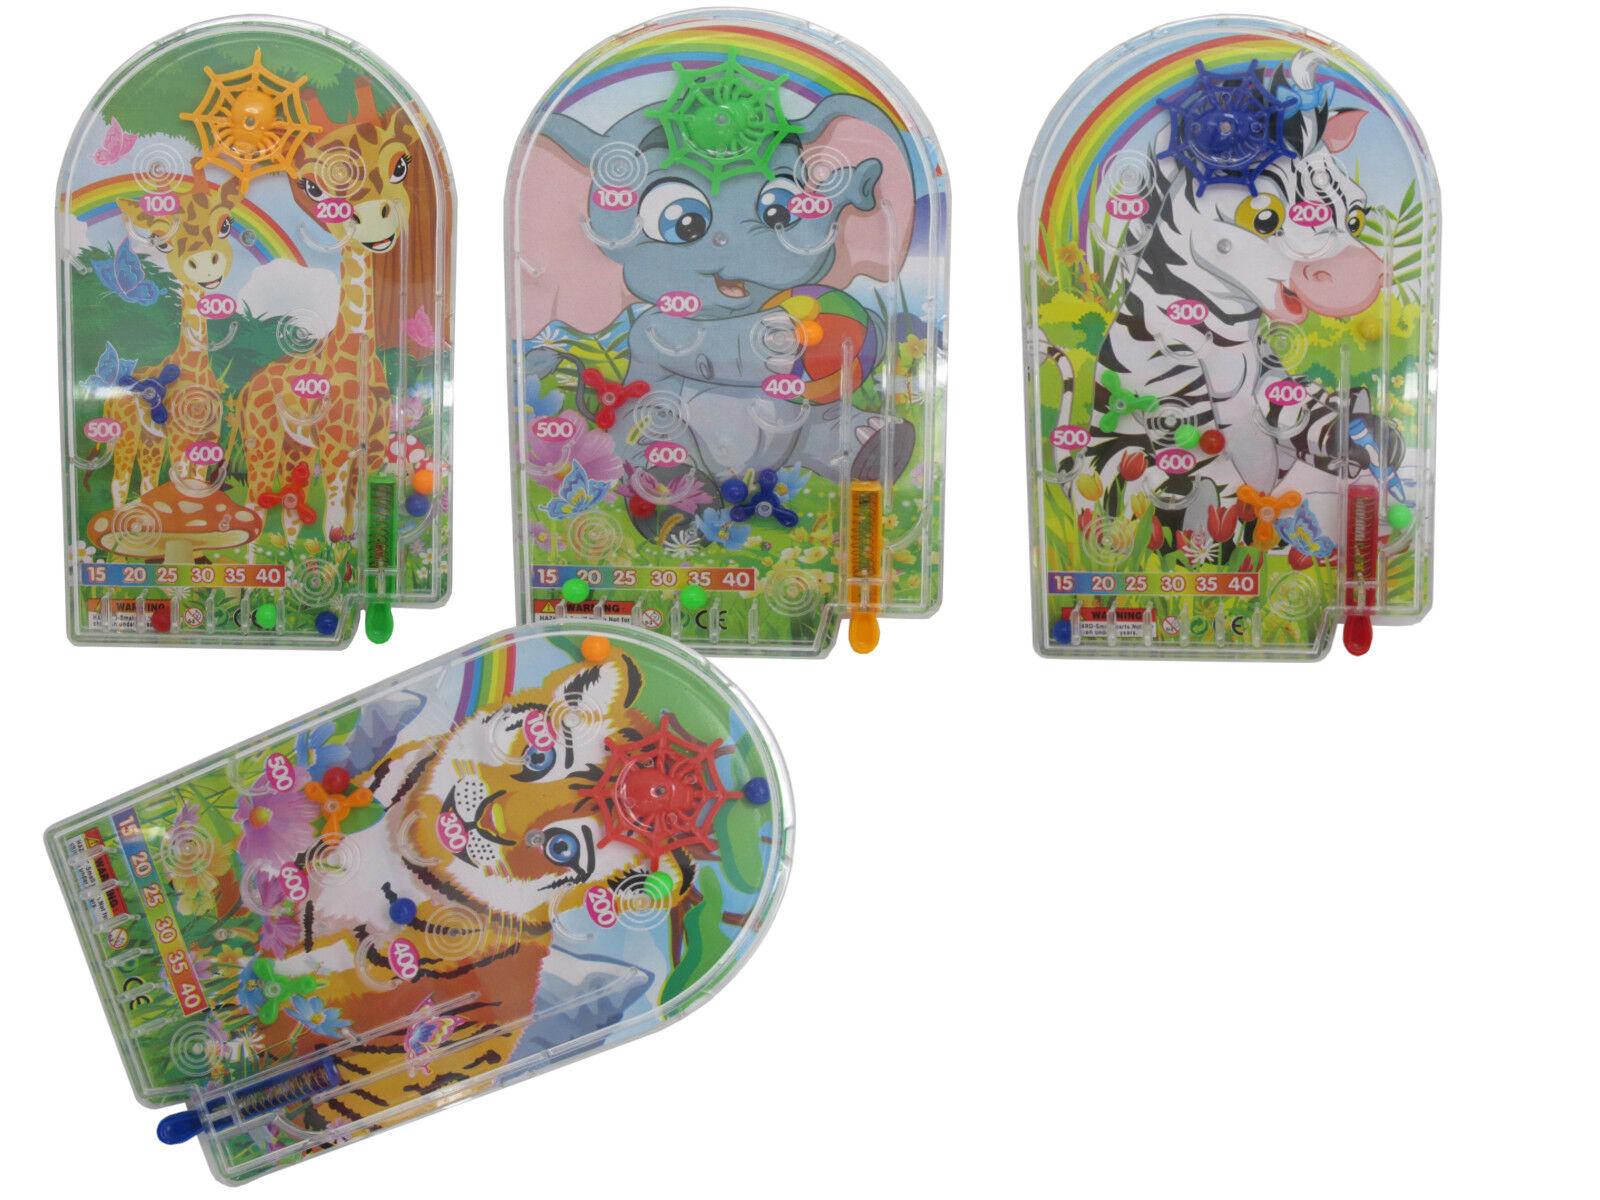 Flipper XXL patience Jeu Mitgebsel jeu ENFANTS ANNIVERSAIRE patience jouet jeu Mitgebsel de voyage 4552c7